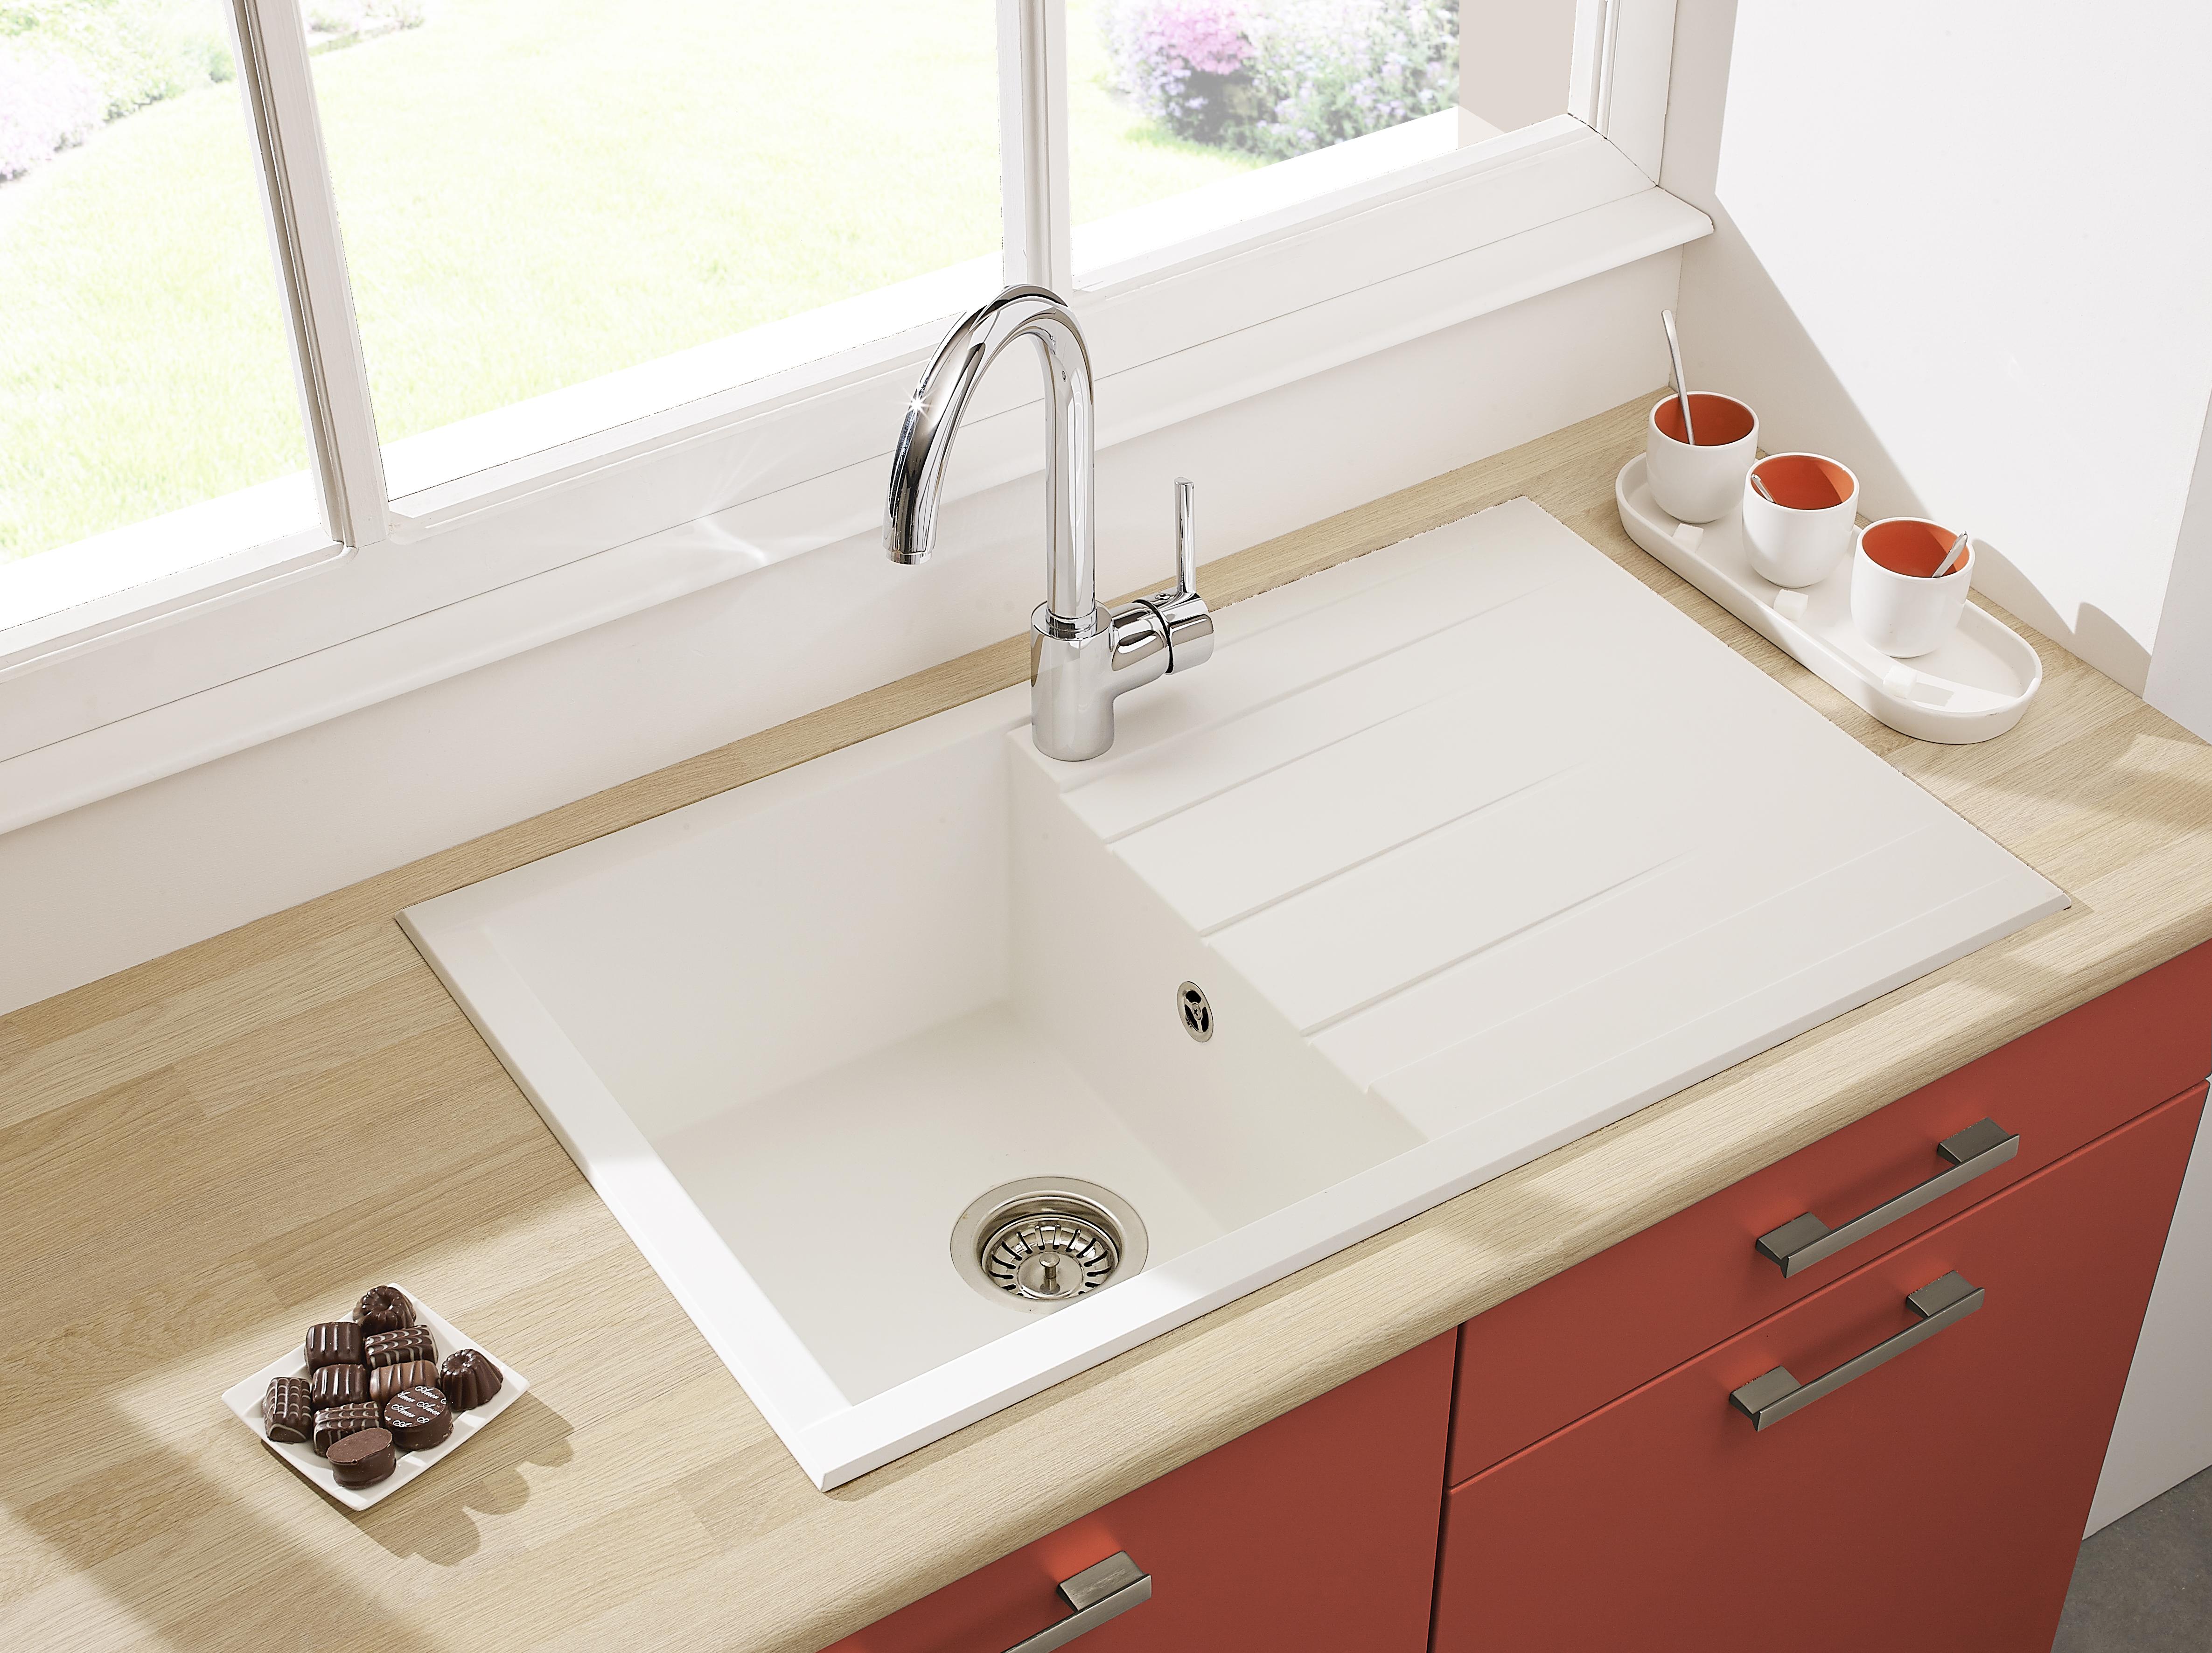 Spüle Küchenspüle Einbauspüle Granit Spülbecken Mineralite 80 x 50 weiß respekta